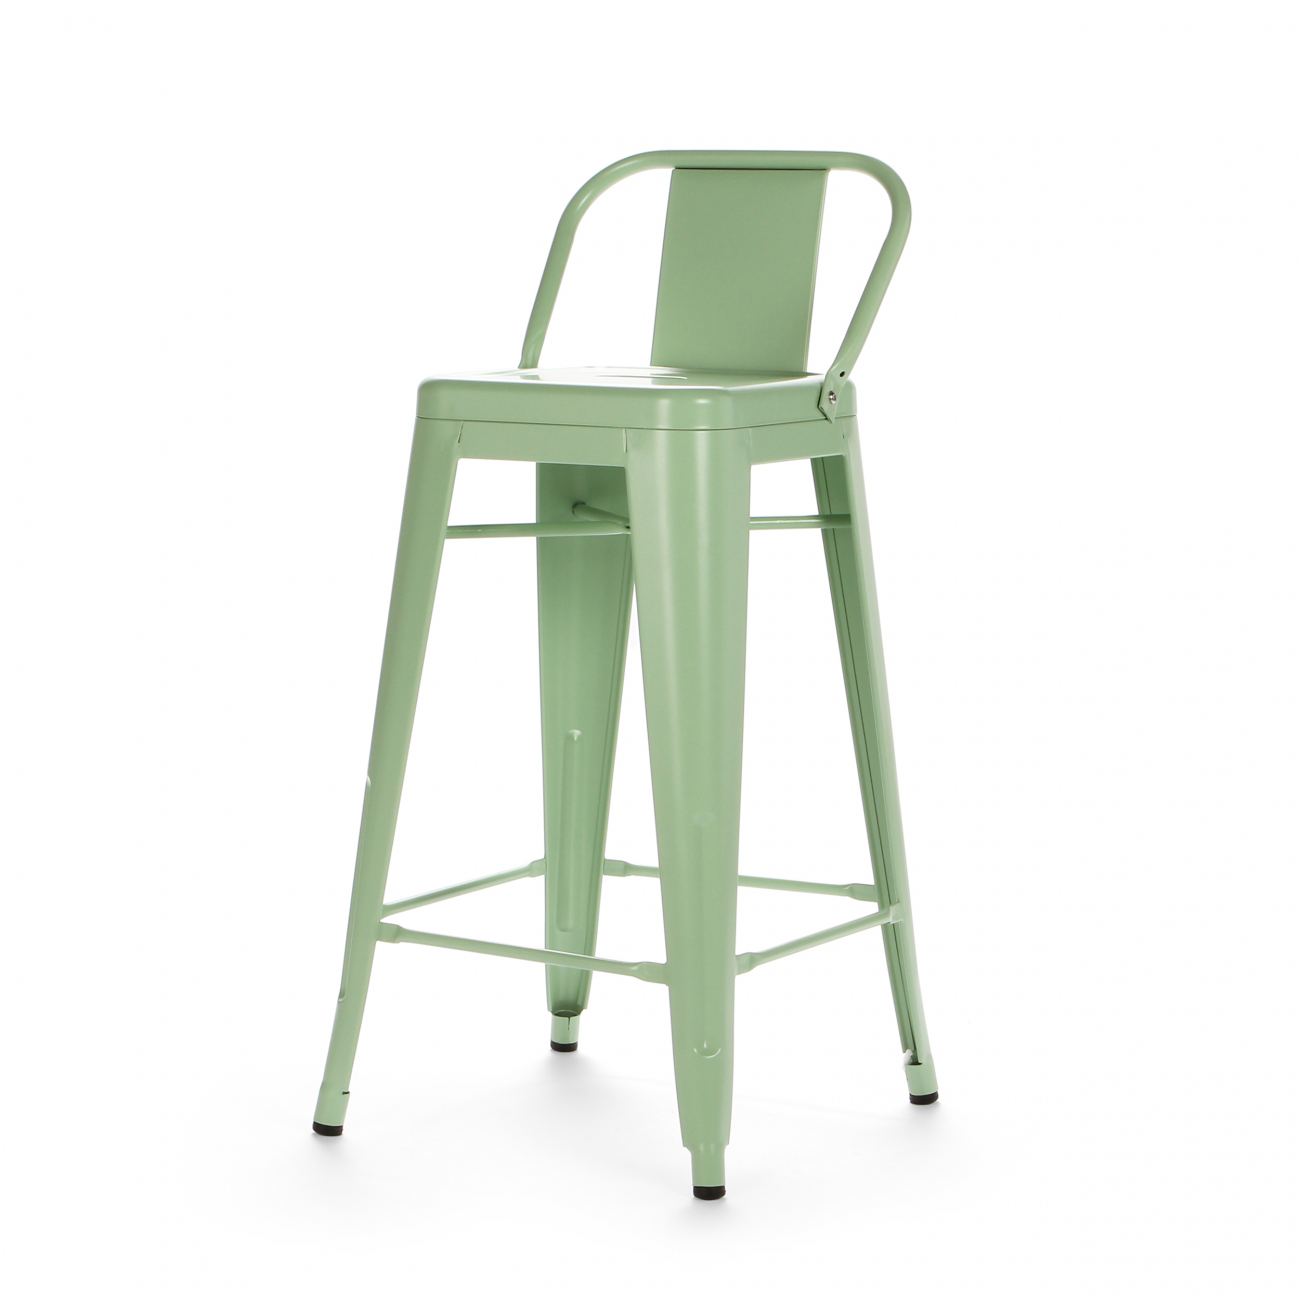 Купить Барный стул Marais Color со спинкой Зелёный в интернет магазине дизайнерской мебели и аксессуаров для дома и дачи